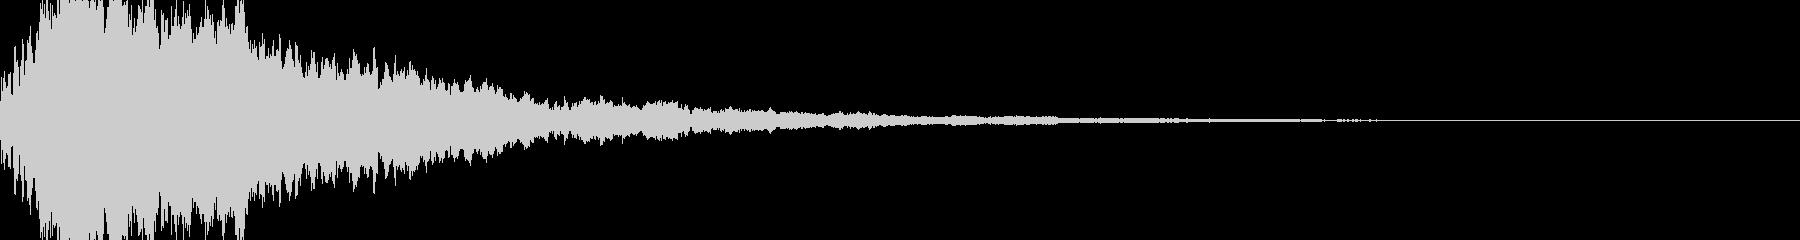 サウンドロゴ56の未再生の波形